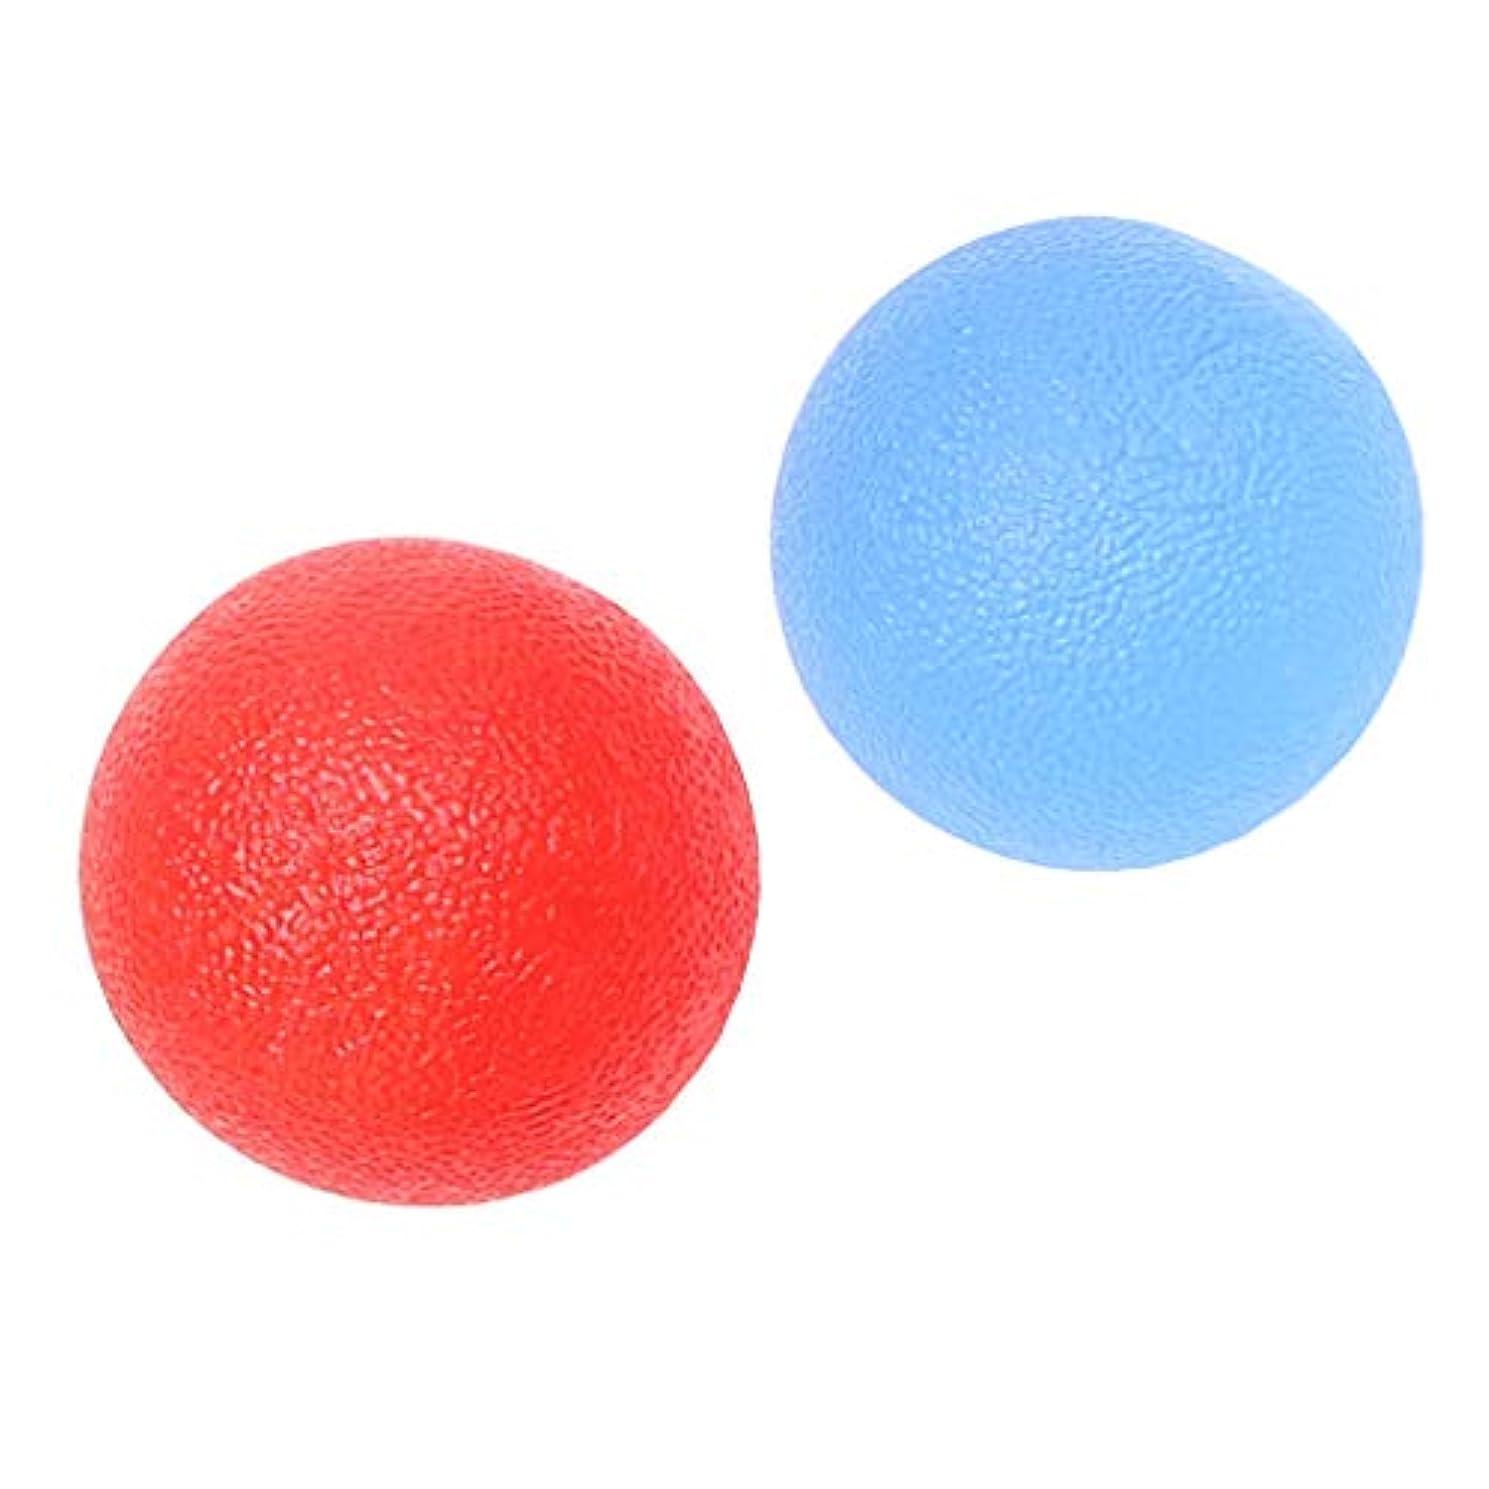 取り組む接尾辞実用的Perfeclan ハンドエクササイズボール ハンドグリップ シリコン 指トレーニング ストレス緩和 贈り物 2個入